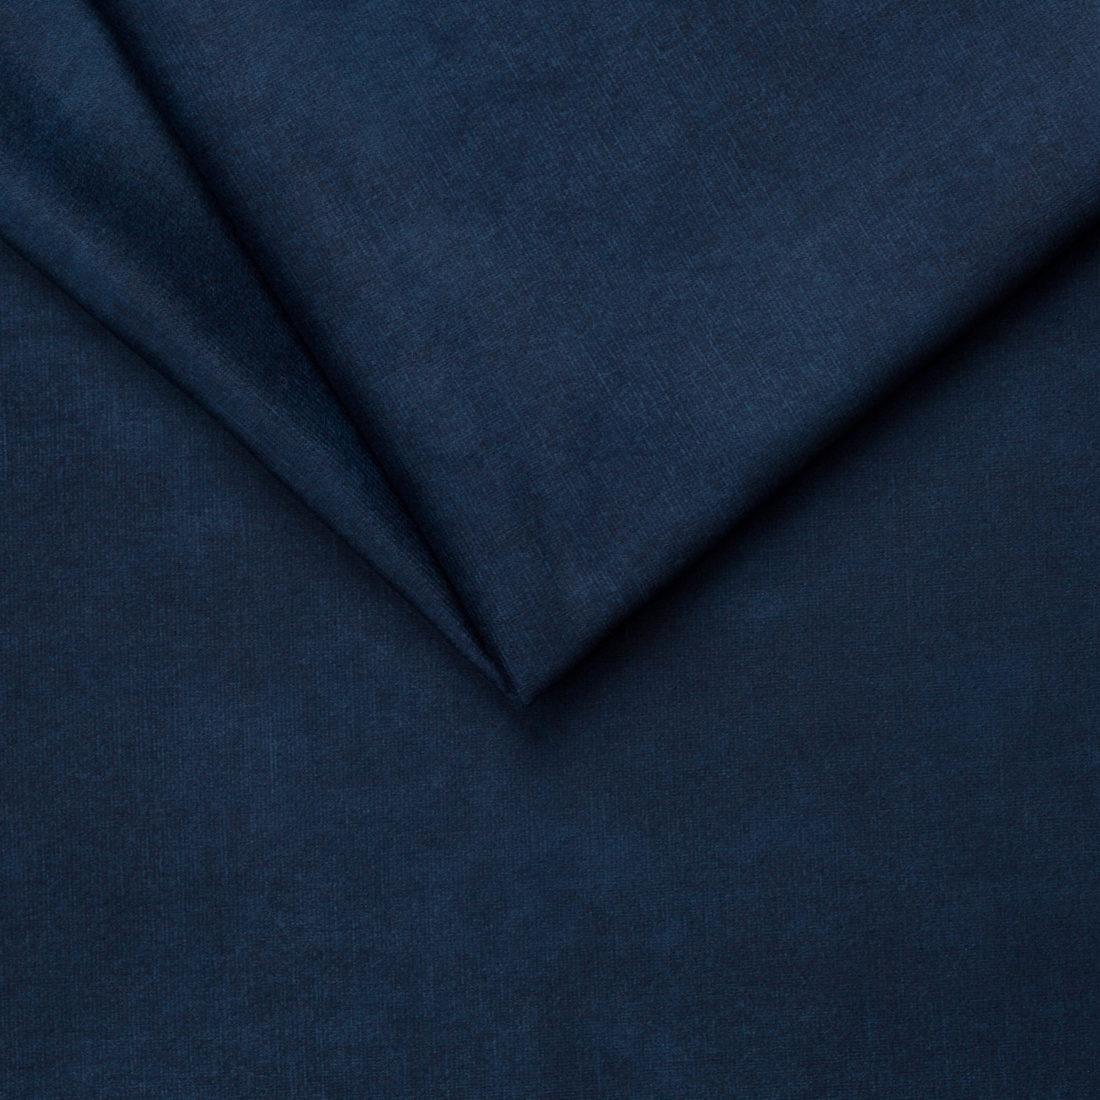 Меблева тканина Palladium 12 Marine, велюр